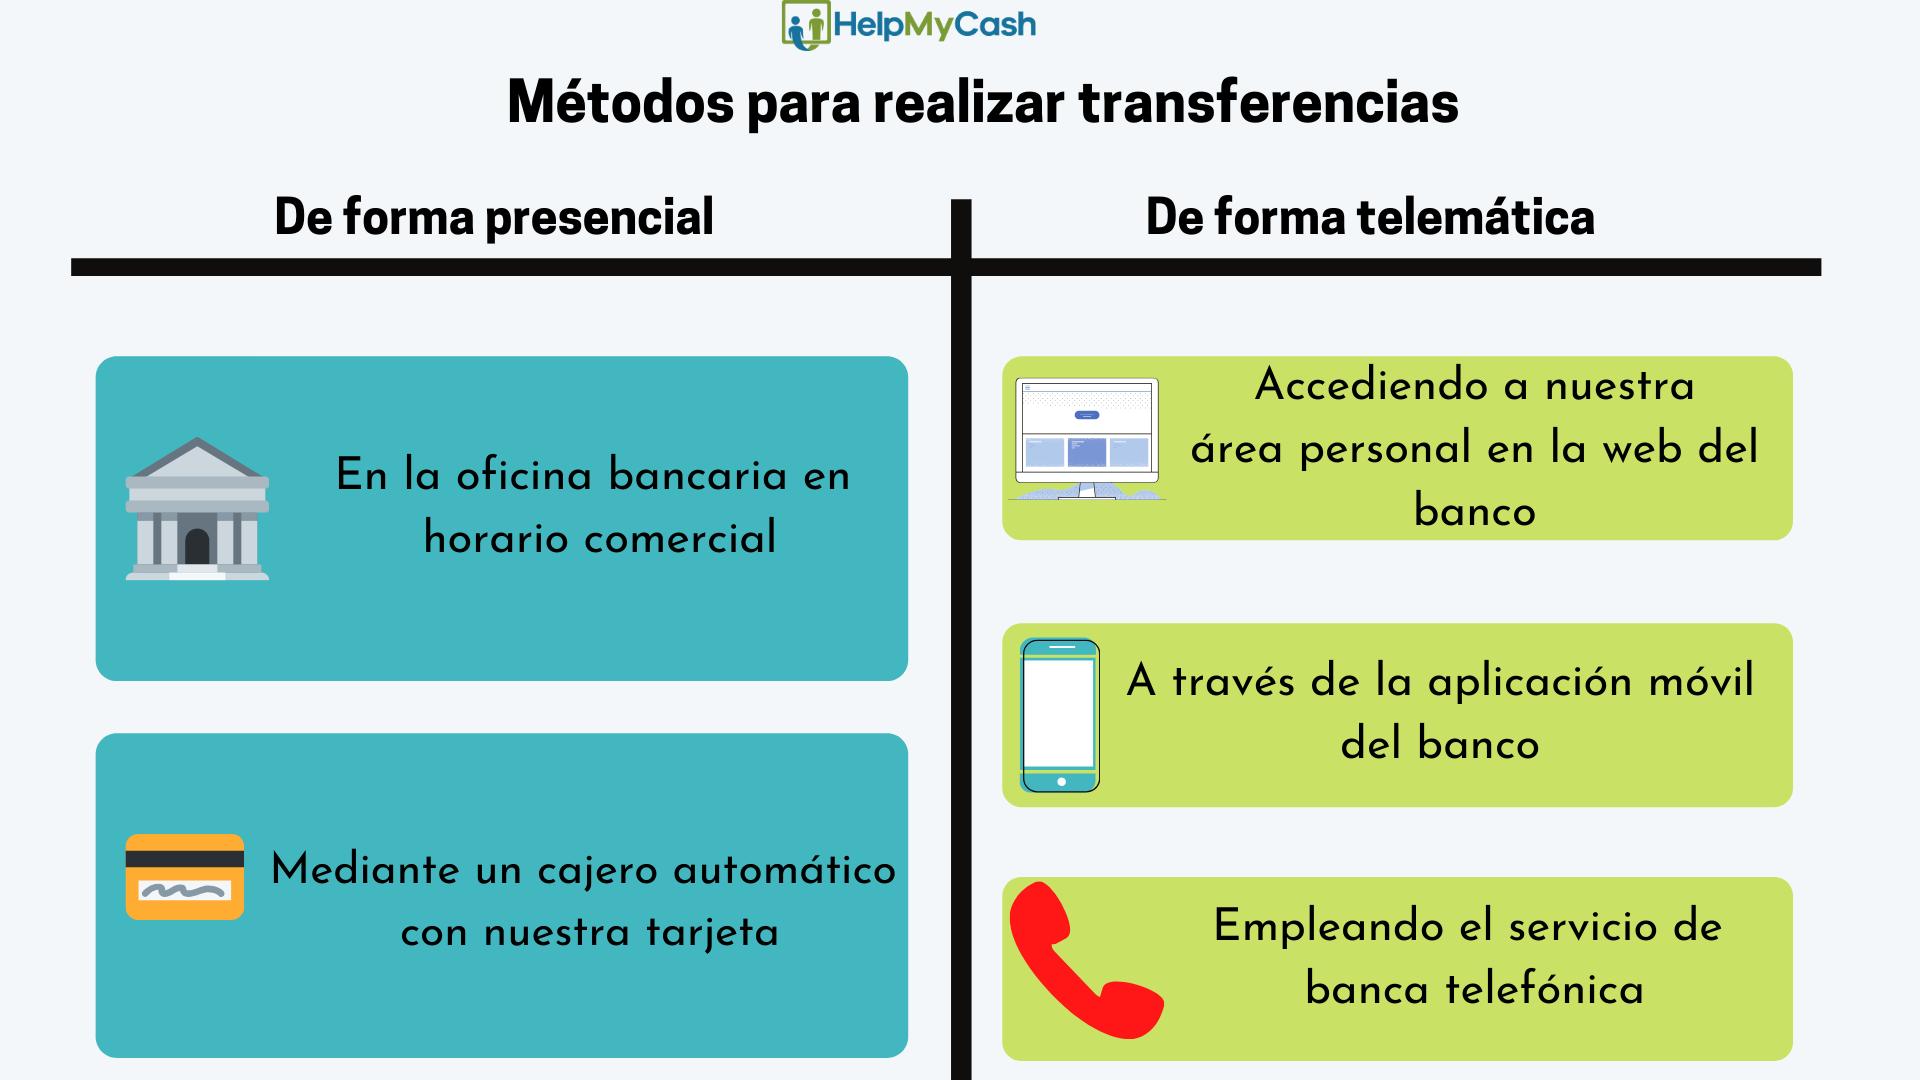 Cómo hacer una transferencia bancaria: 1- en el banco. 2- a través de la banca online. 3- con la app del banco, 4- con el cajero, 5- con la banca telefónica